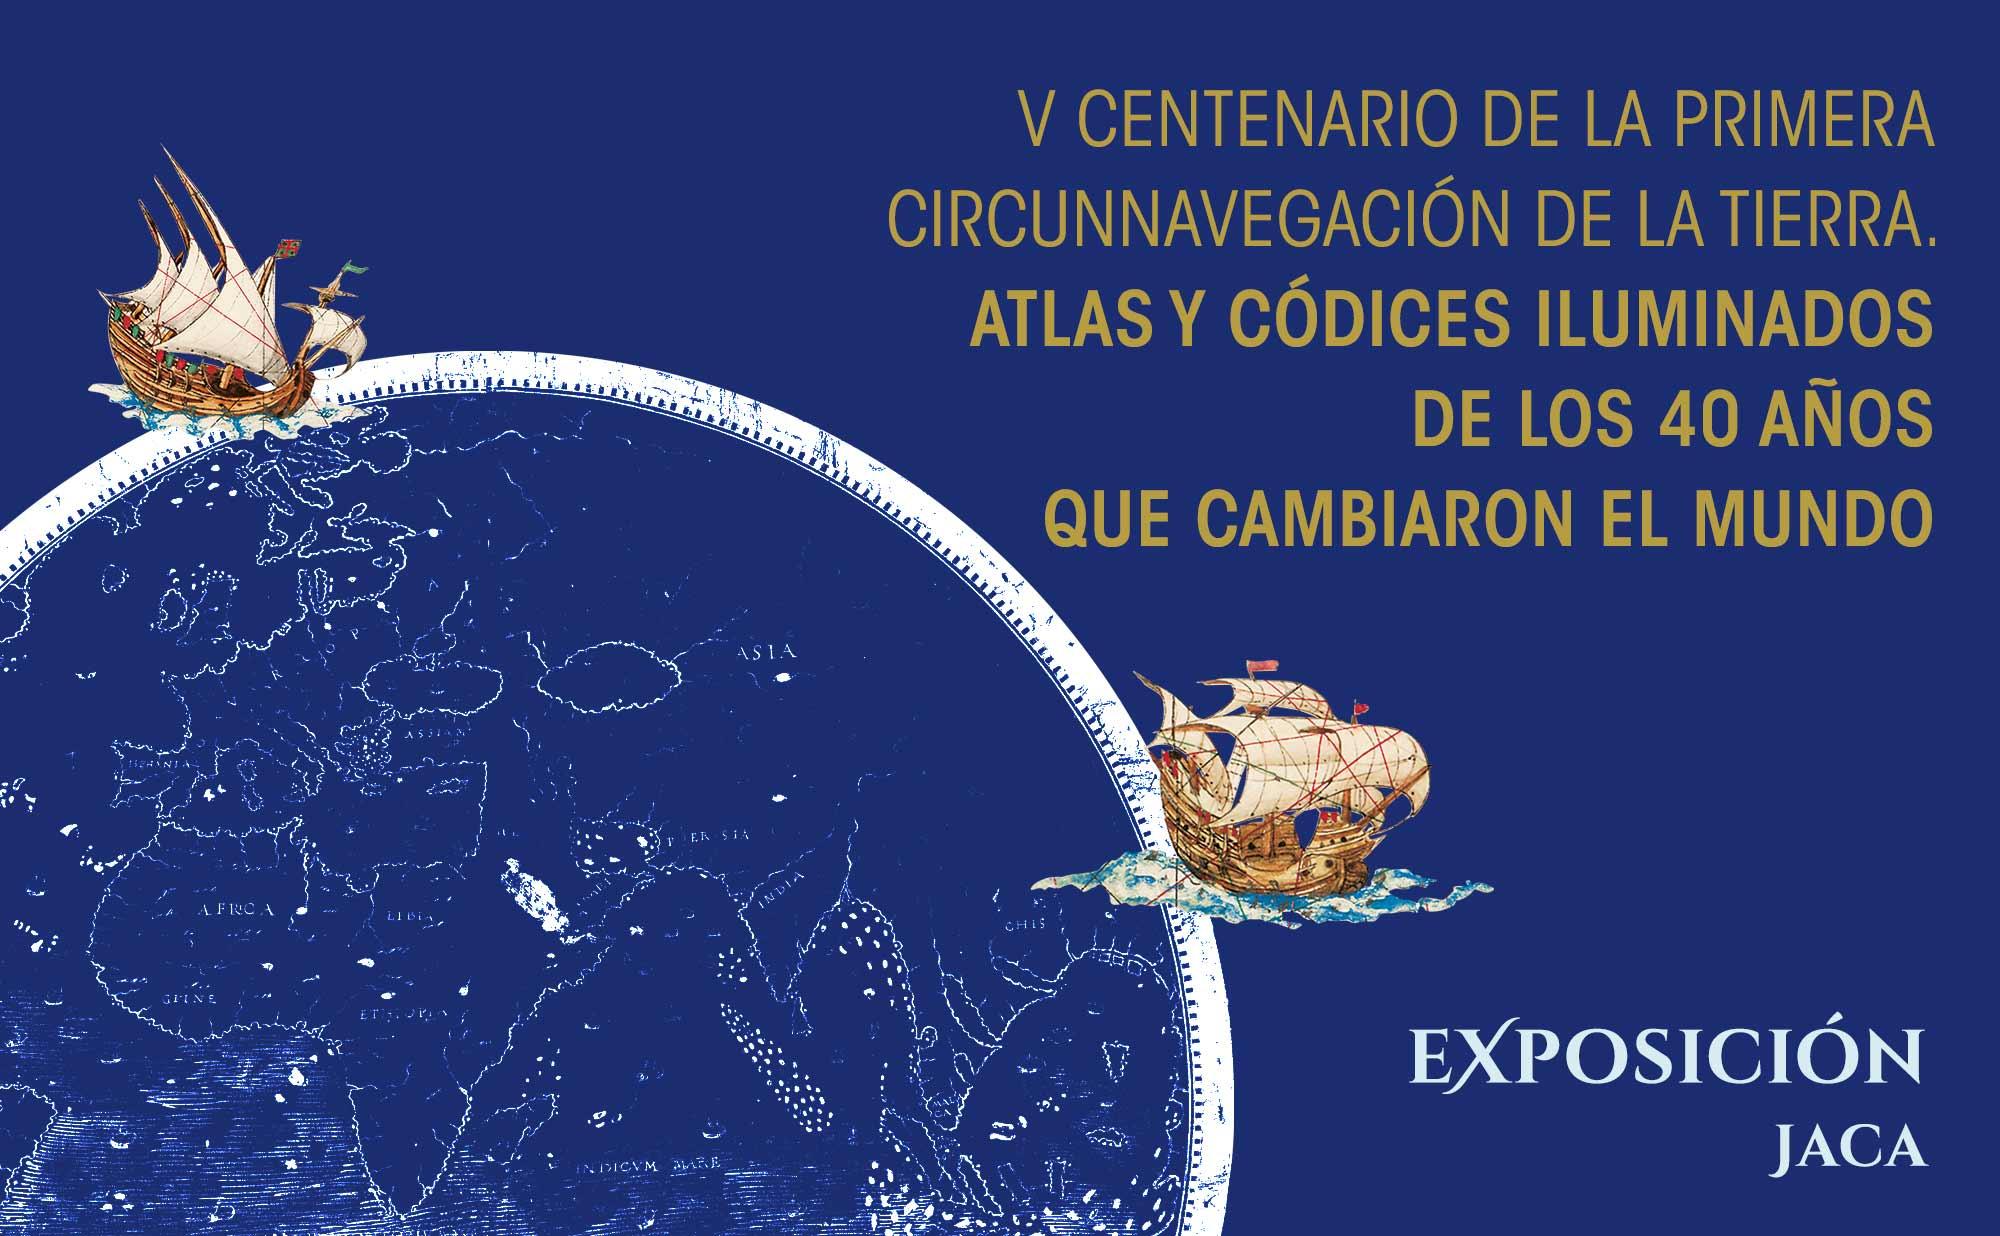 expo-jaca-2019